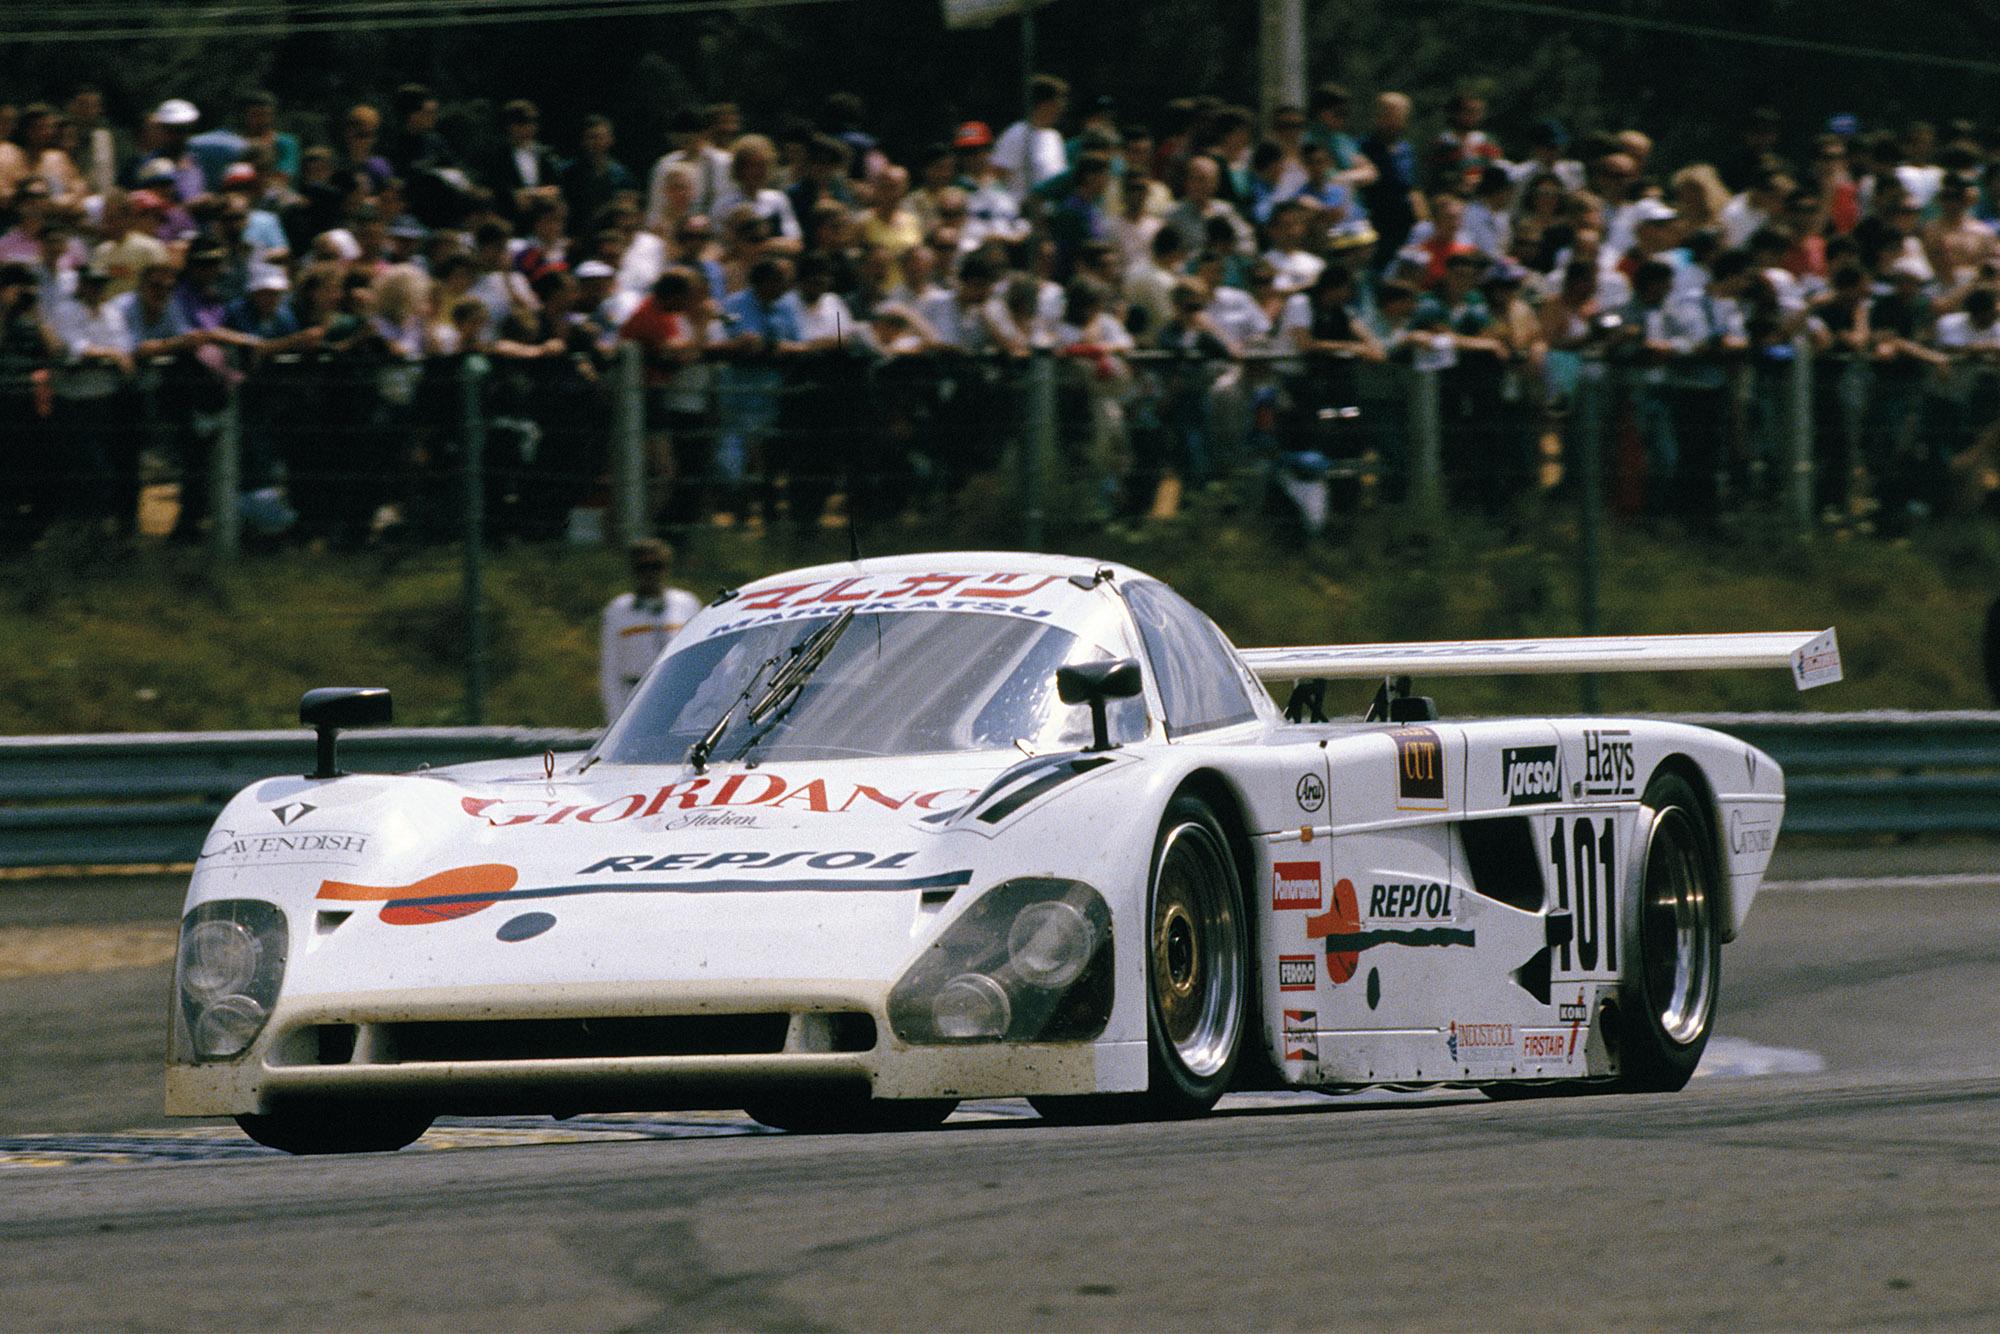 Hugh Chamberlain Le Mans Spice